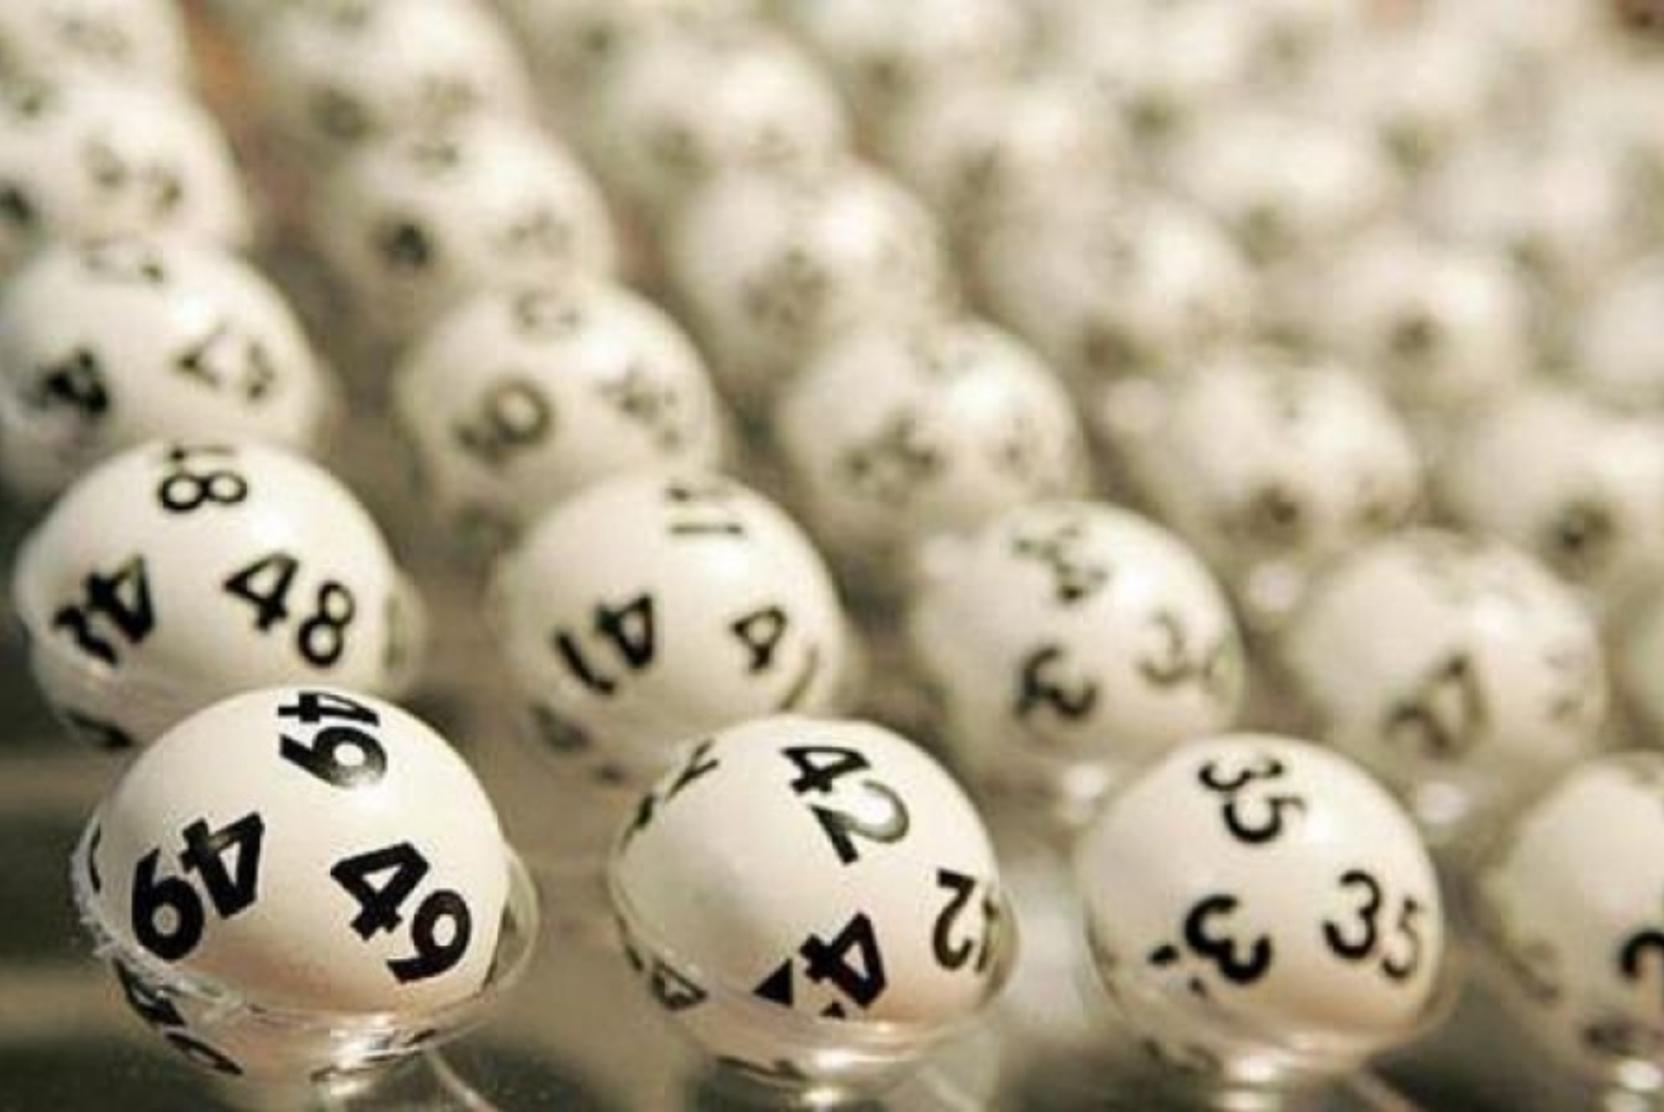 Житель Южно-Сахалинска выиграл в лотерею более 500 млн рублей